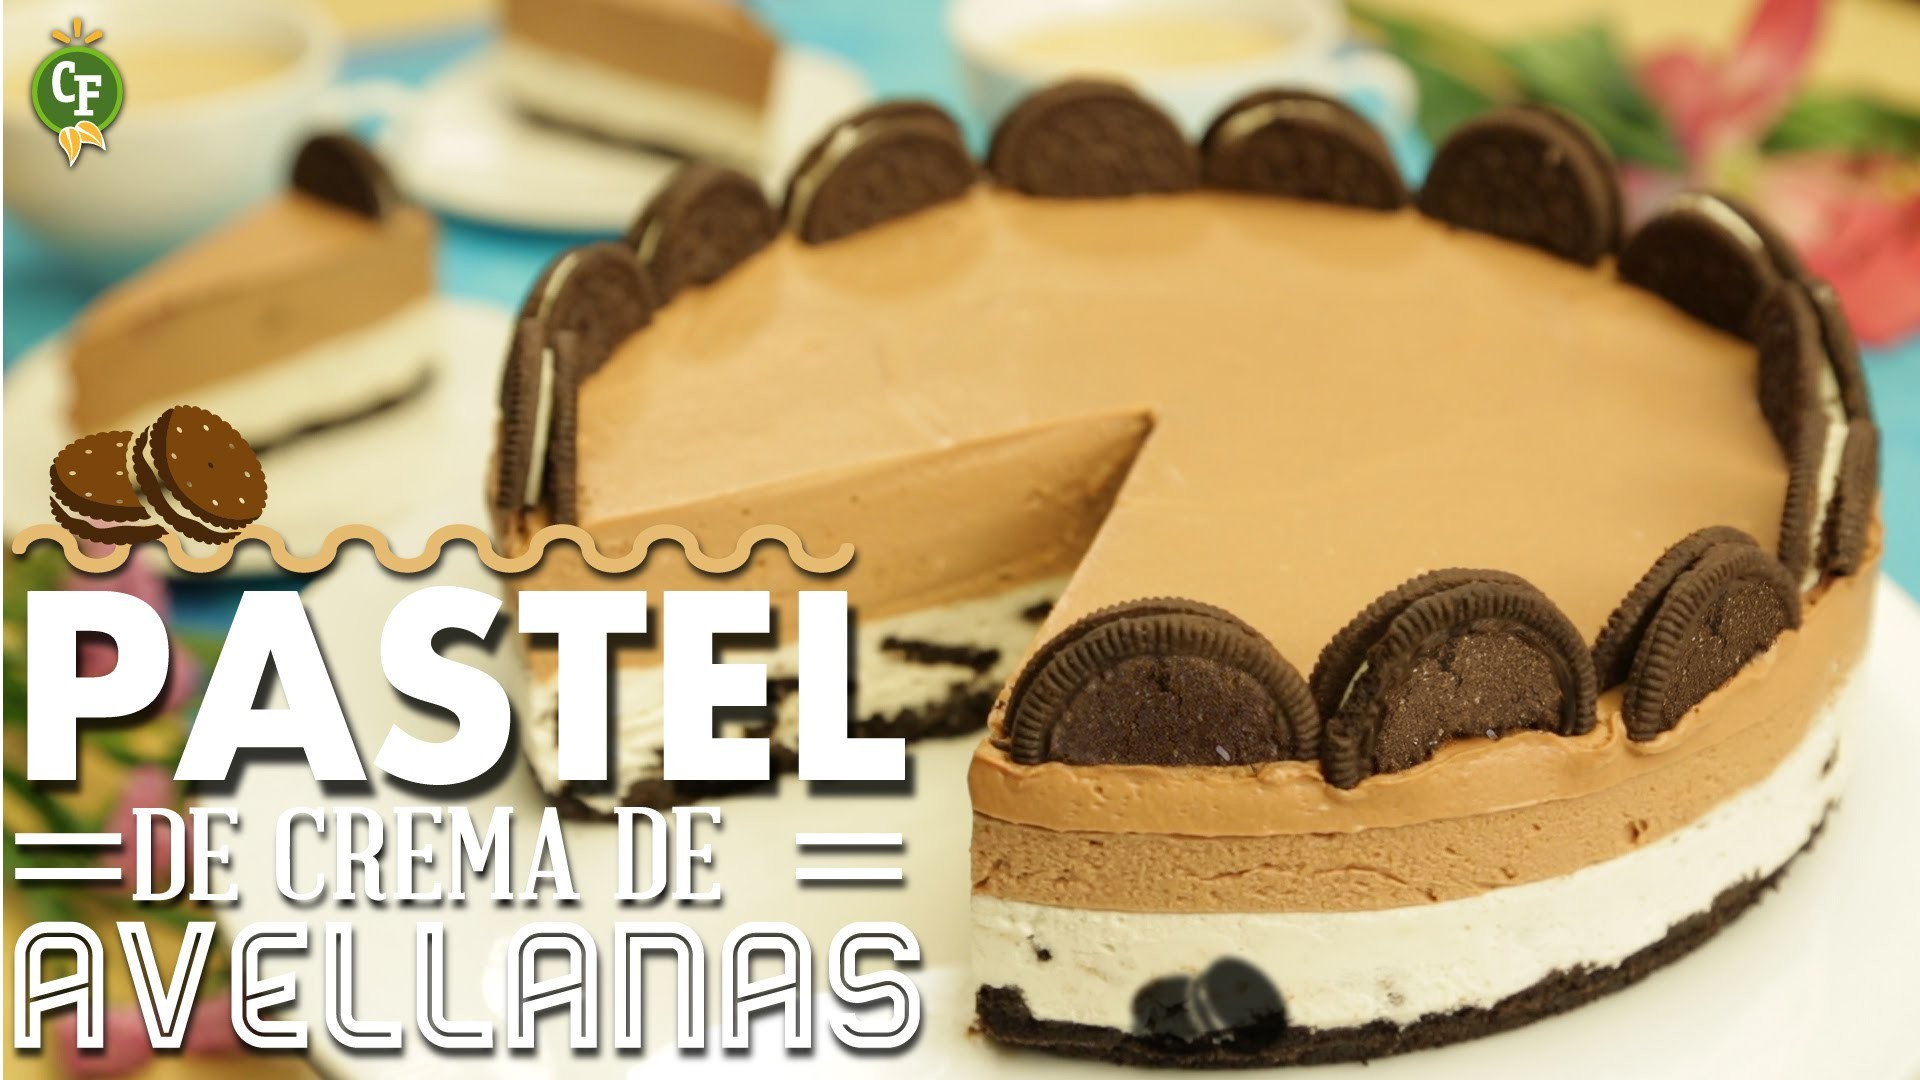 ¿Cómo preparar Pastel de Crema de Avellanas y Galletas de Chocolate? - Cocina Fresca